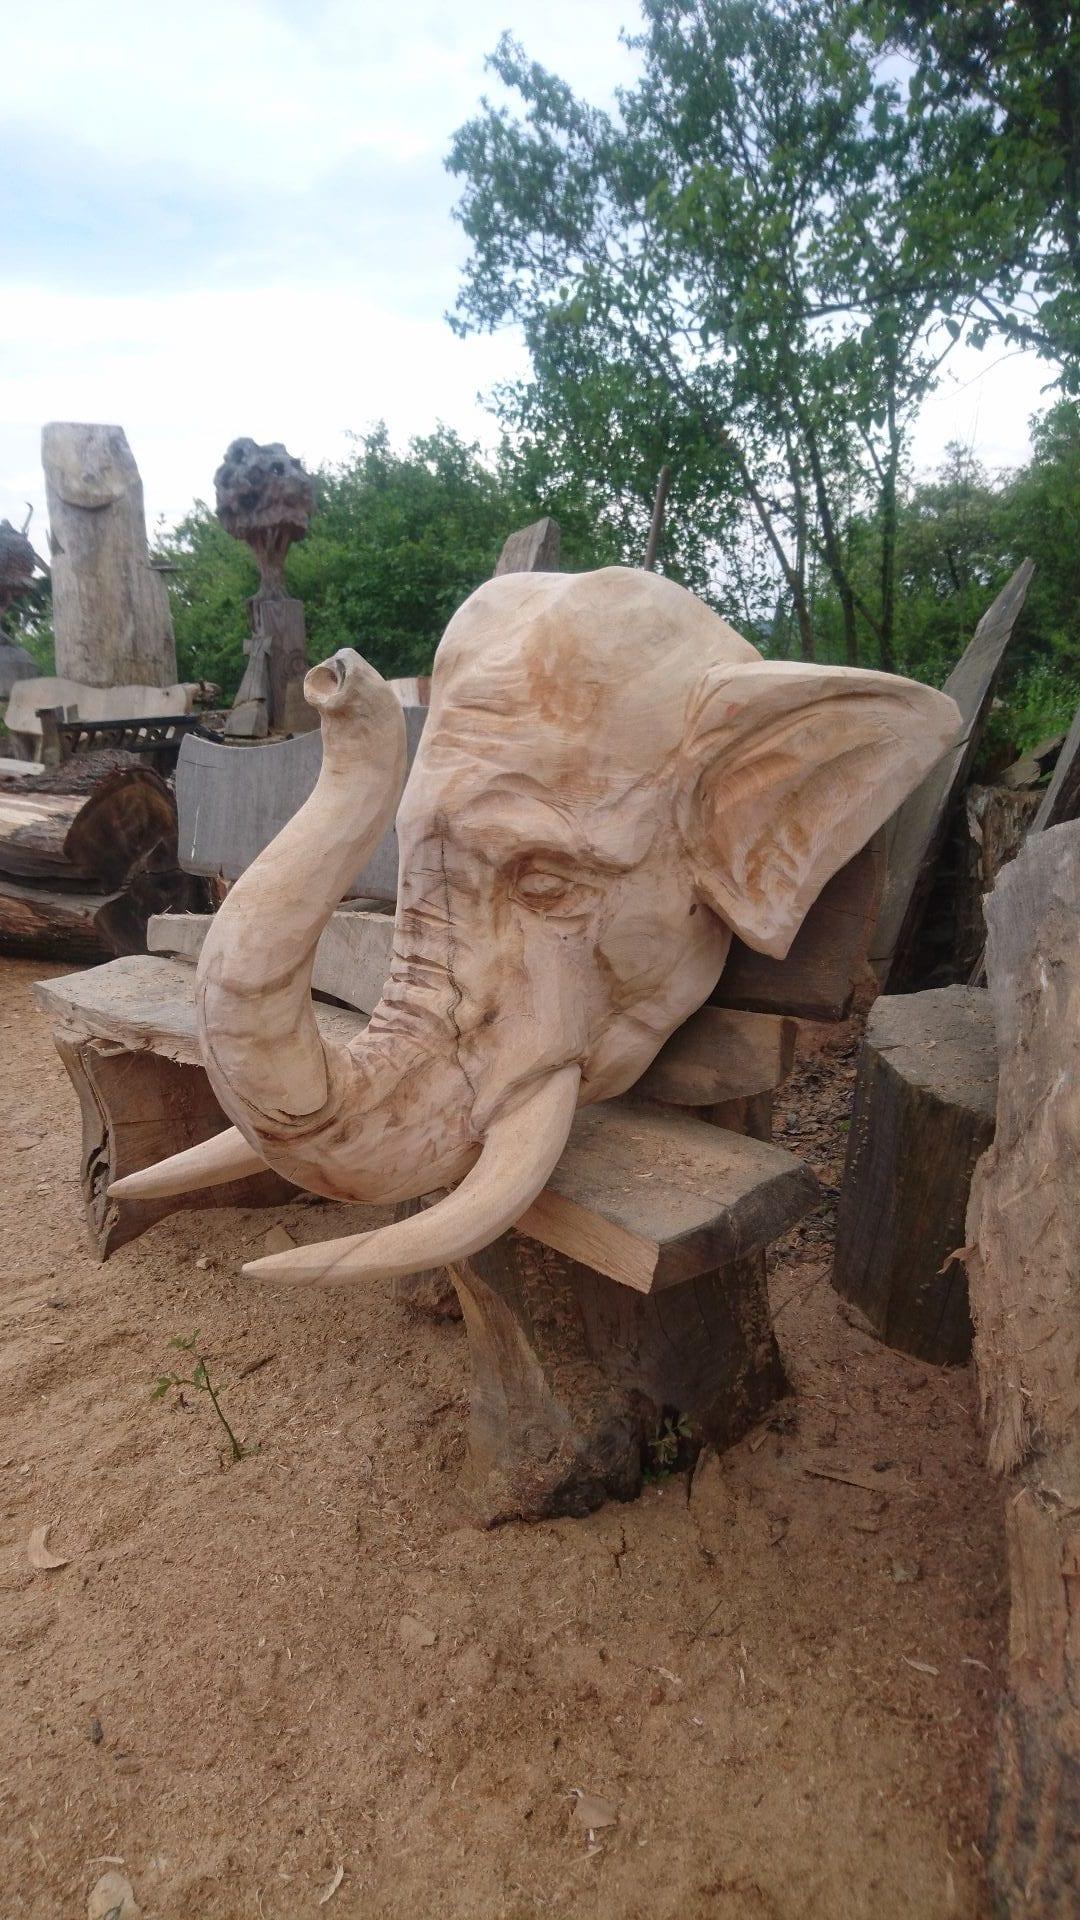 (2) Elefantenschädel